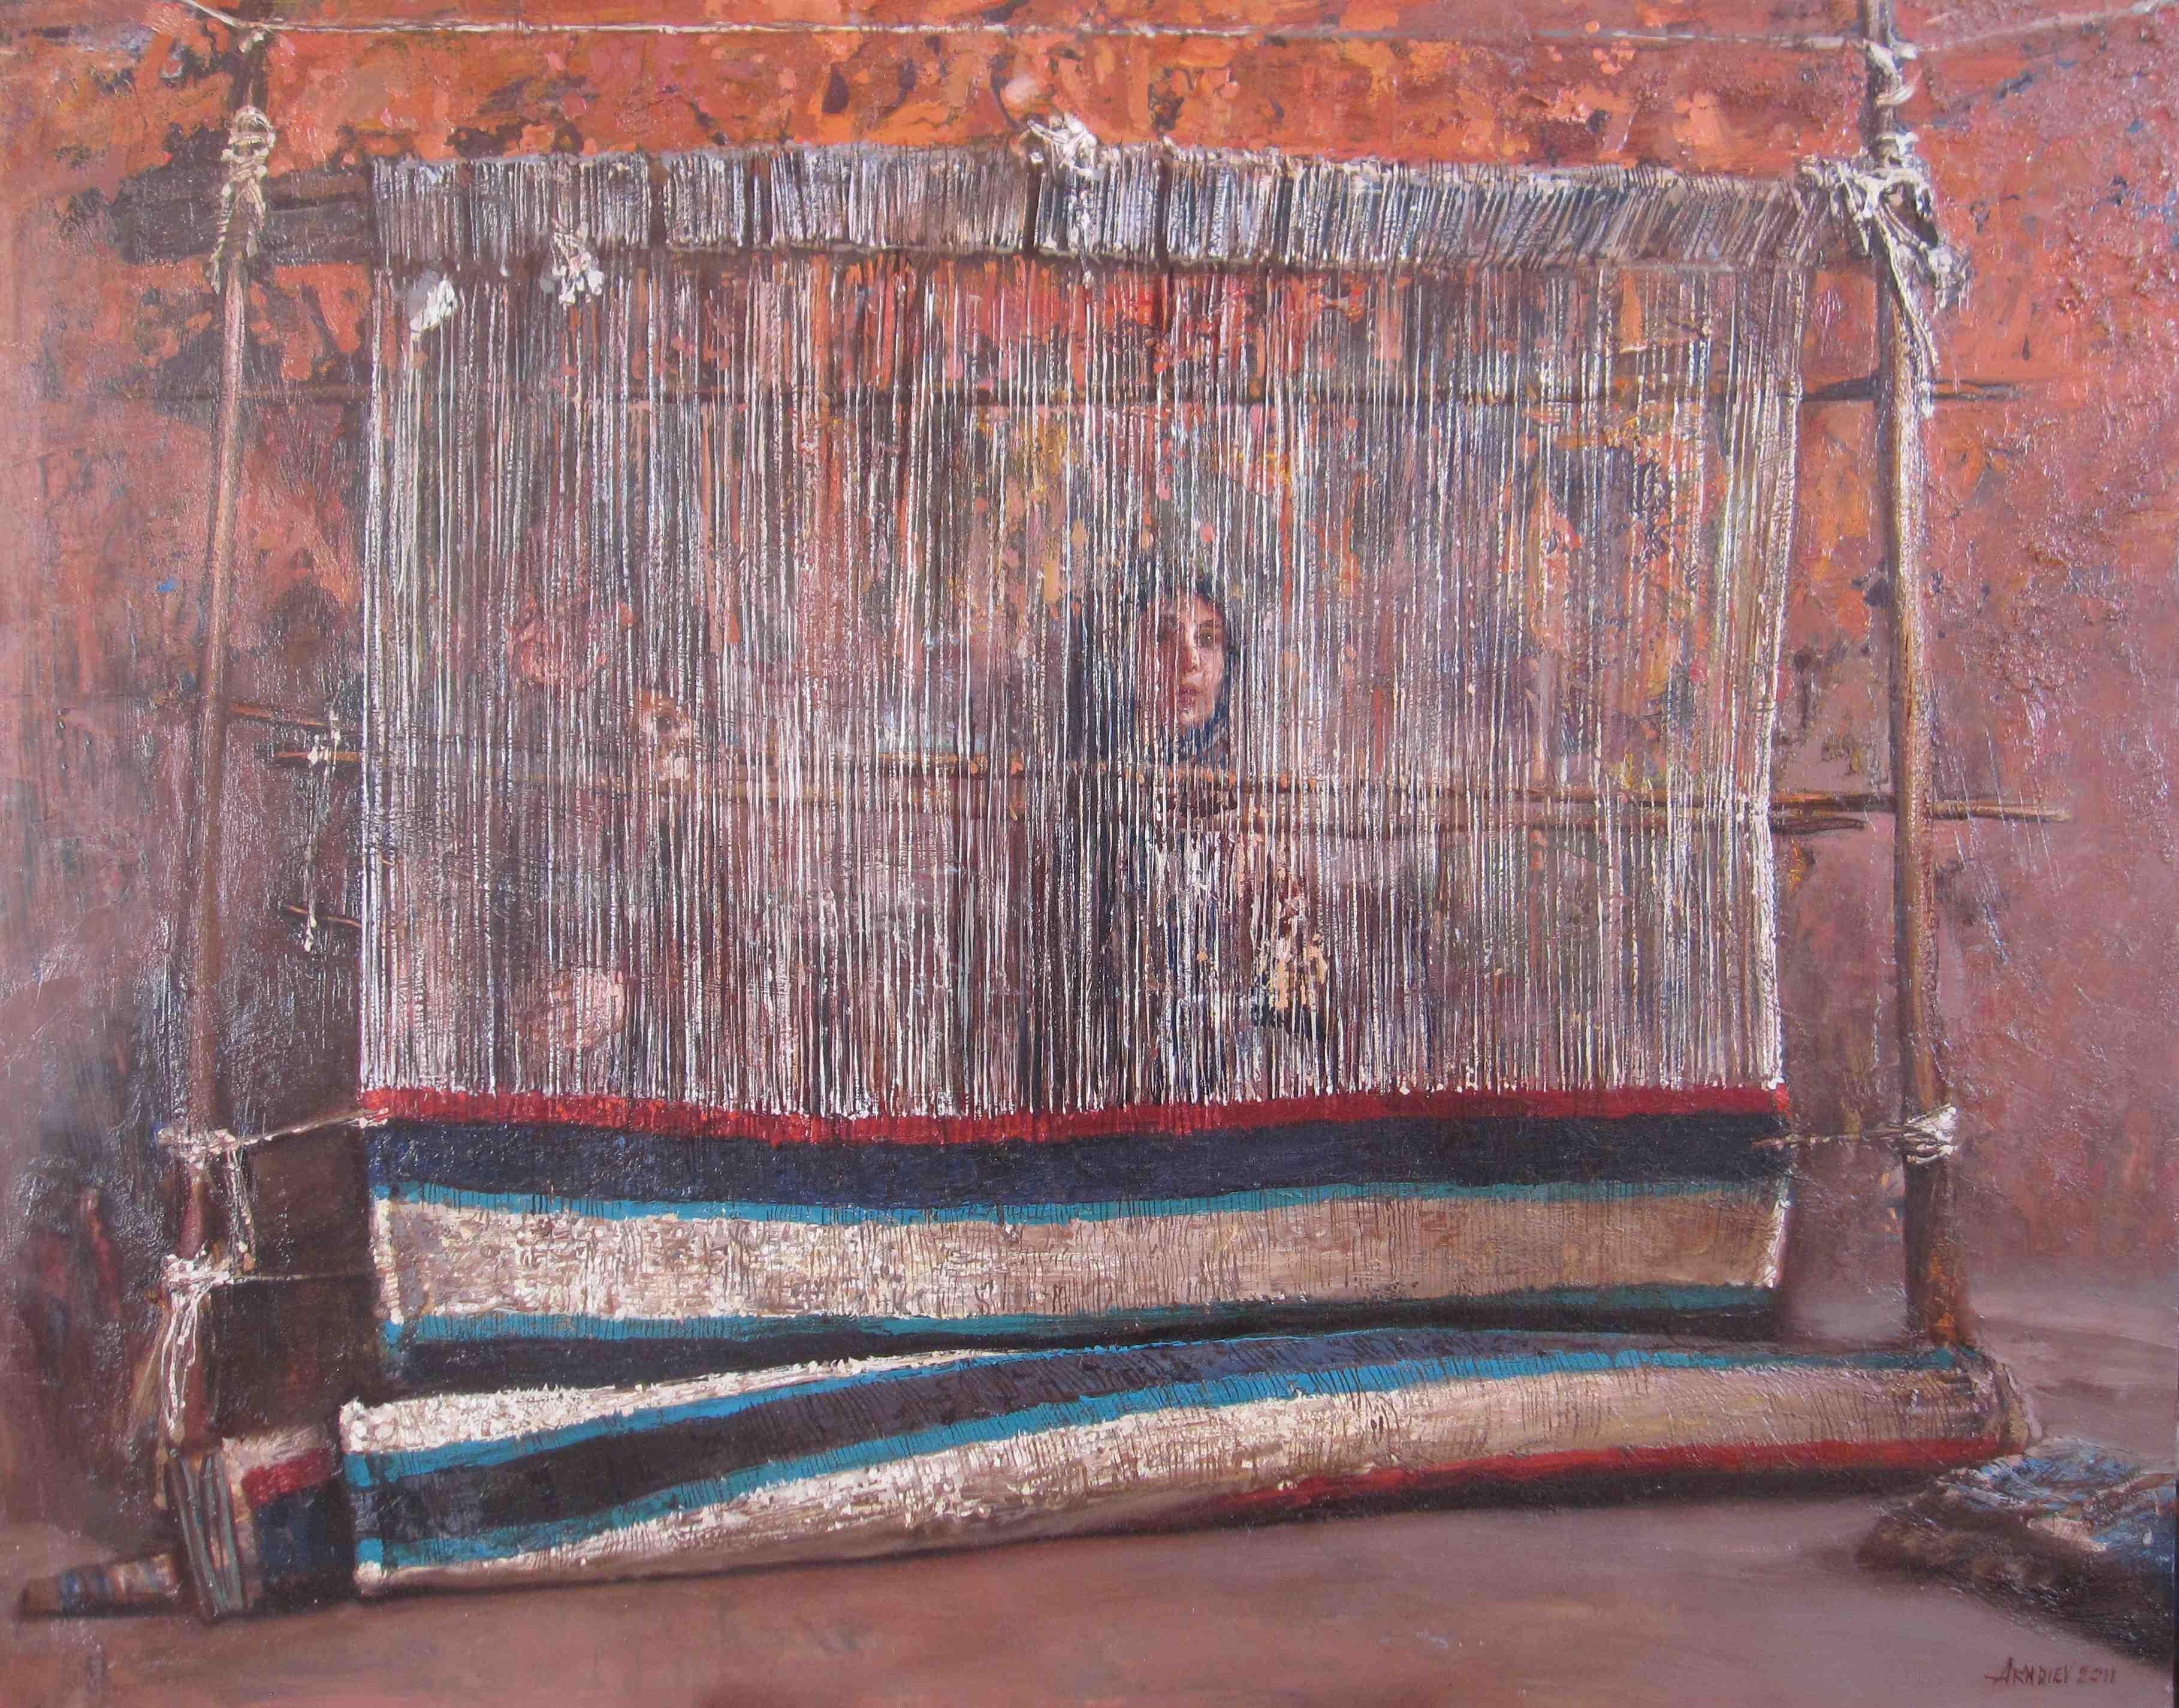 Weavers by  Daud Akhriev - Masterpiece Online